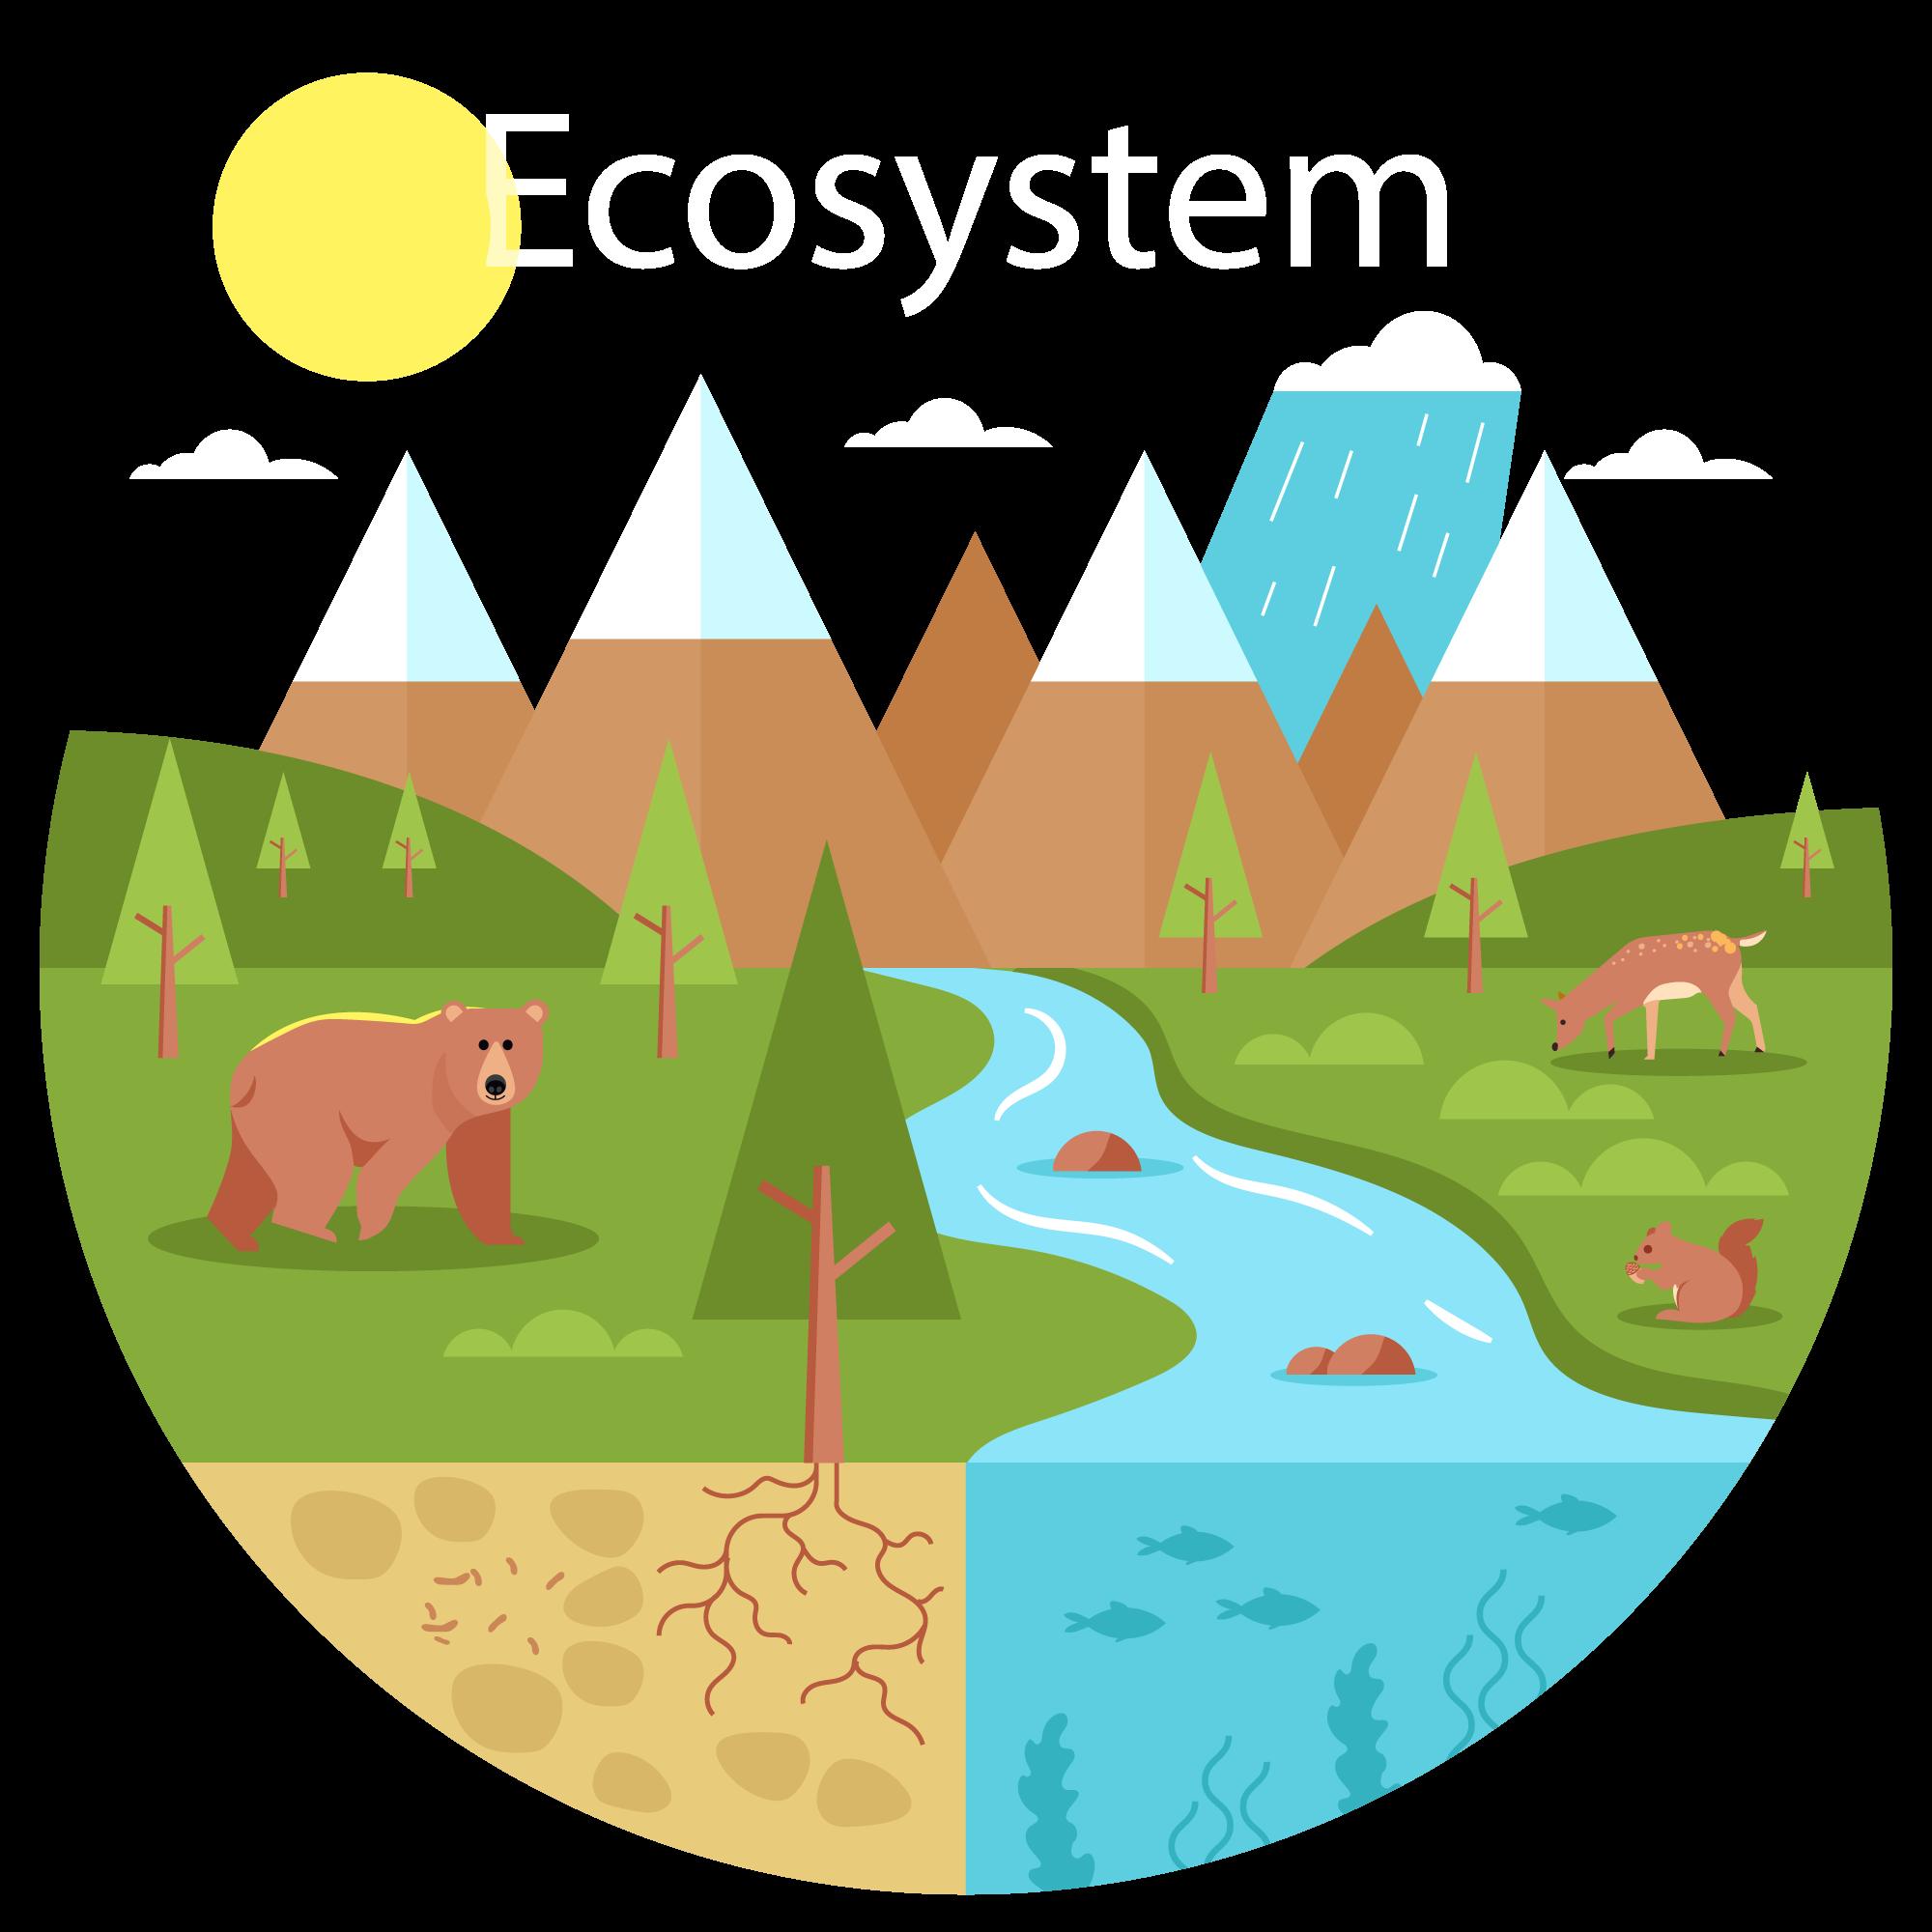 Un alt modul al educatiei ecologice, invata copiii despre ecosistem.